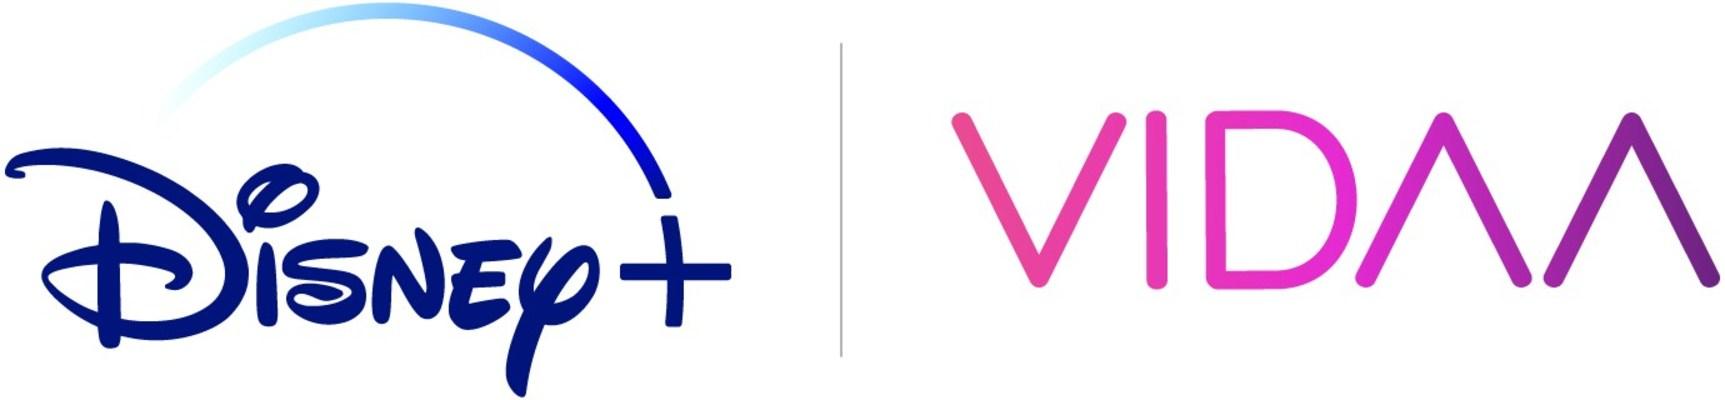 Disney+ ya está disponible en VIDAA Smart OS